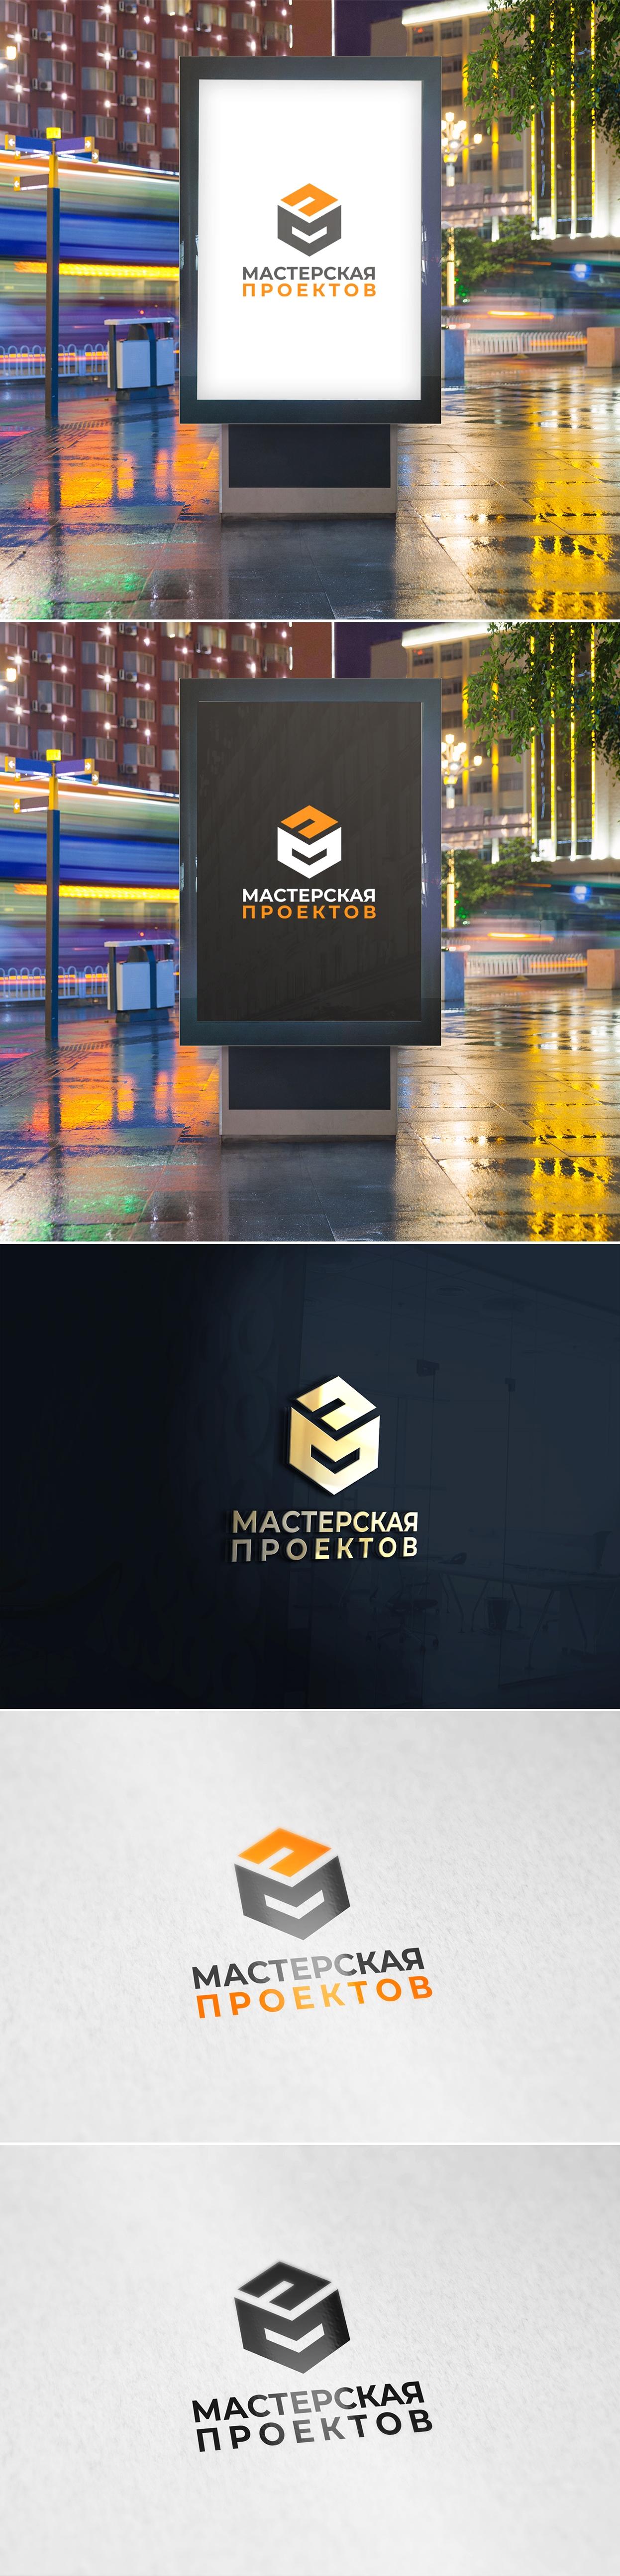 Разработка логотипа строительно-мебельного проекта (см. опис фото f_697606d521b708a5.jpg